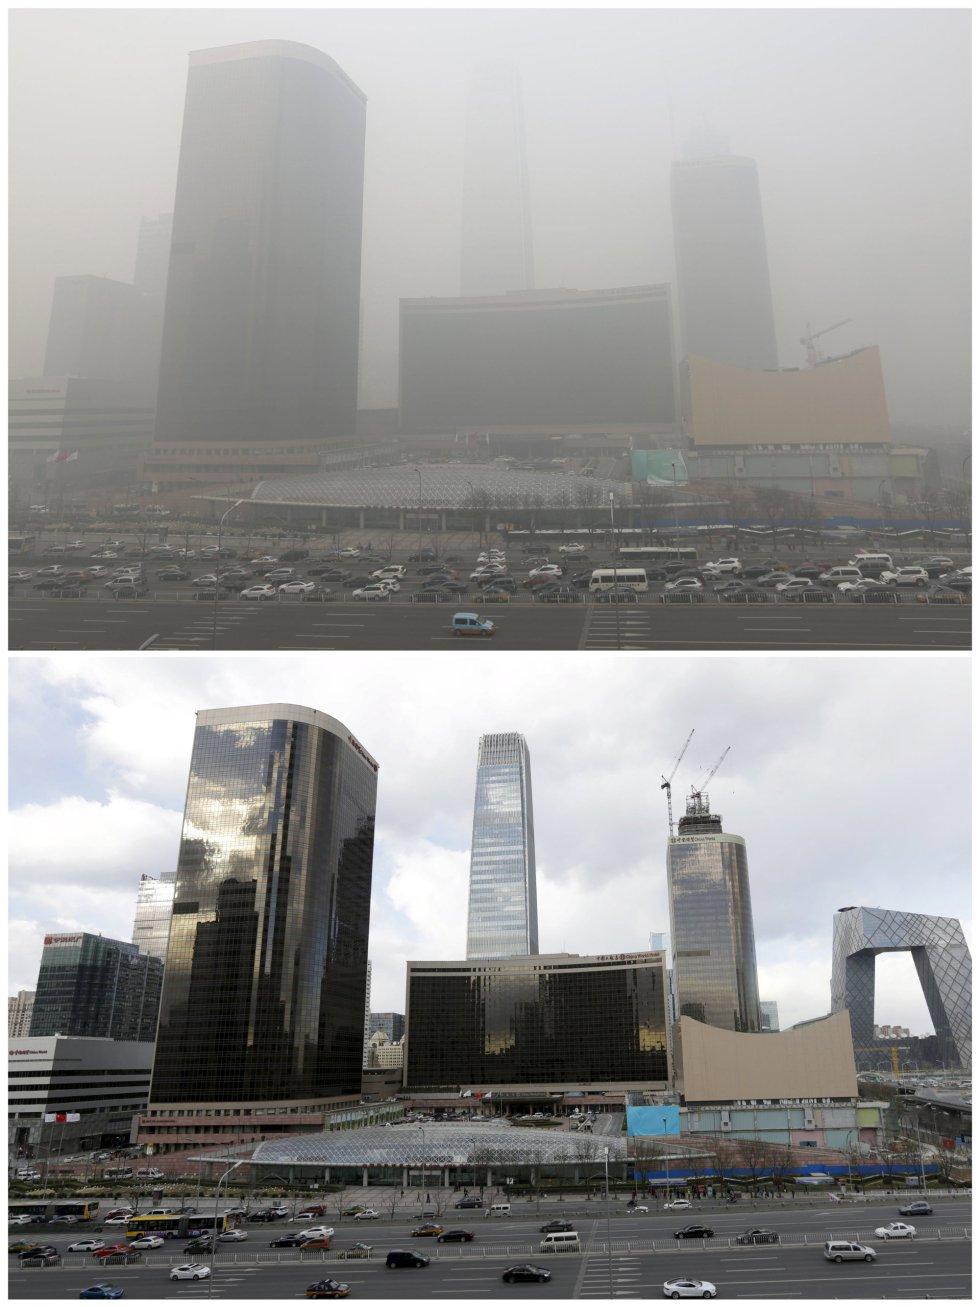 El distrito financiero de Pekín, bajo la contaminación y en un día soleado.